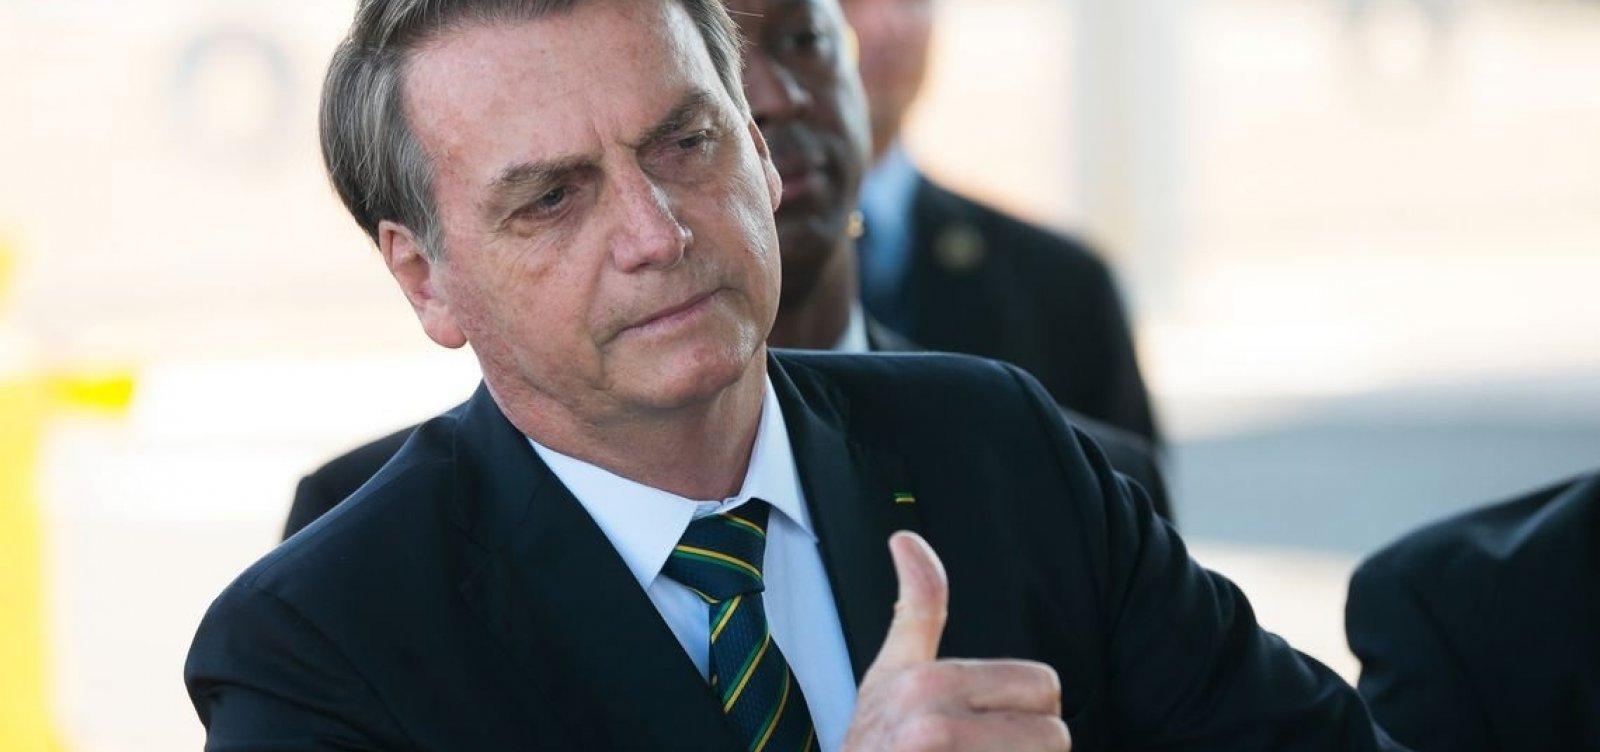 [Gastos de Bolsonaro com cartão corporativo nos 3 primeiros meses de 2020 são os maiores desde 2013]